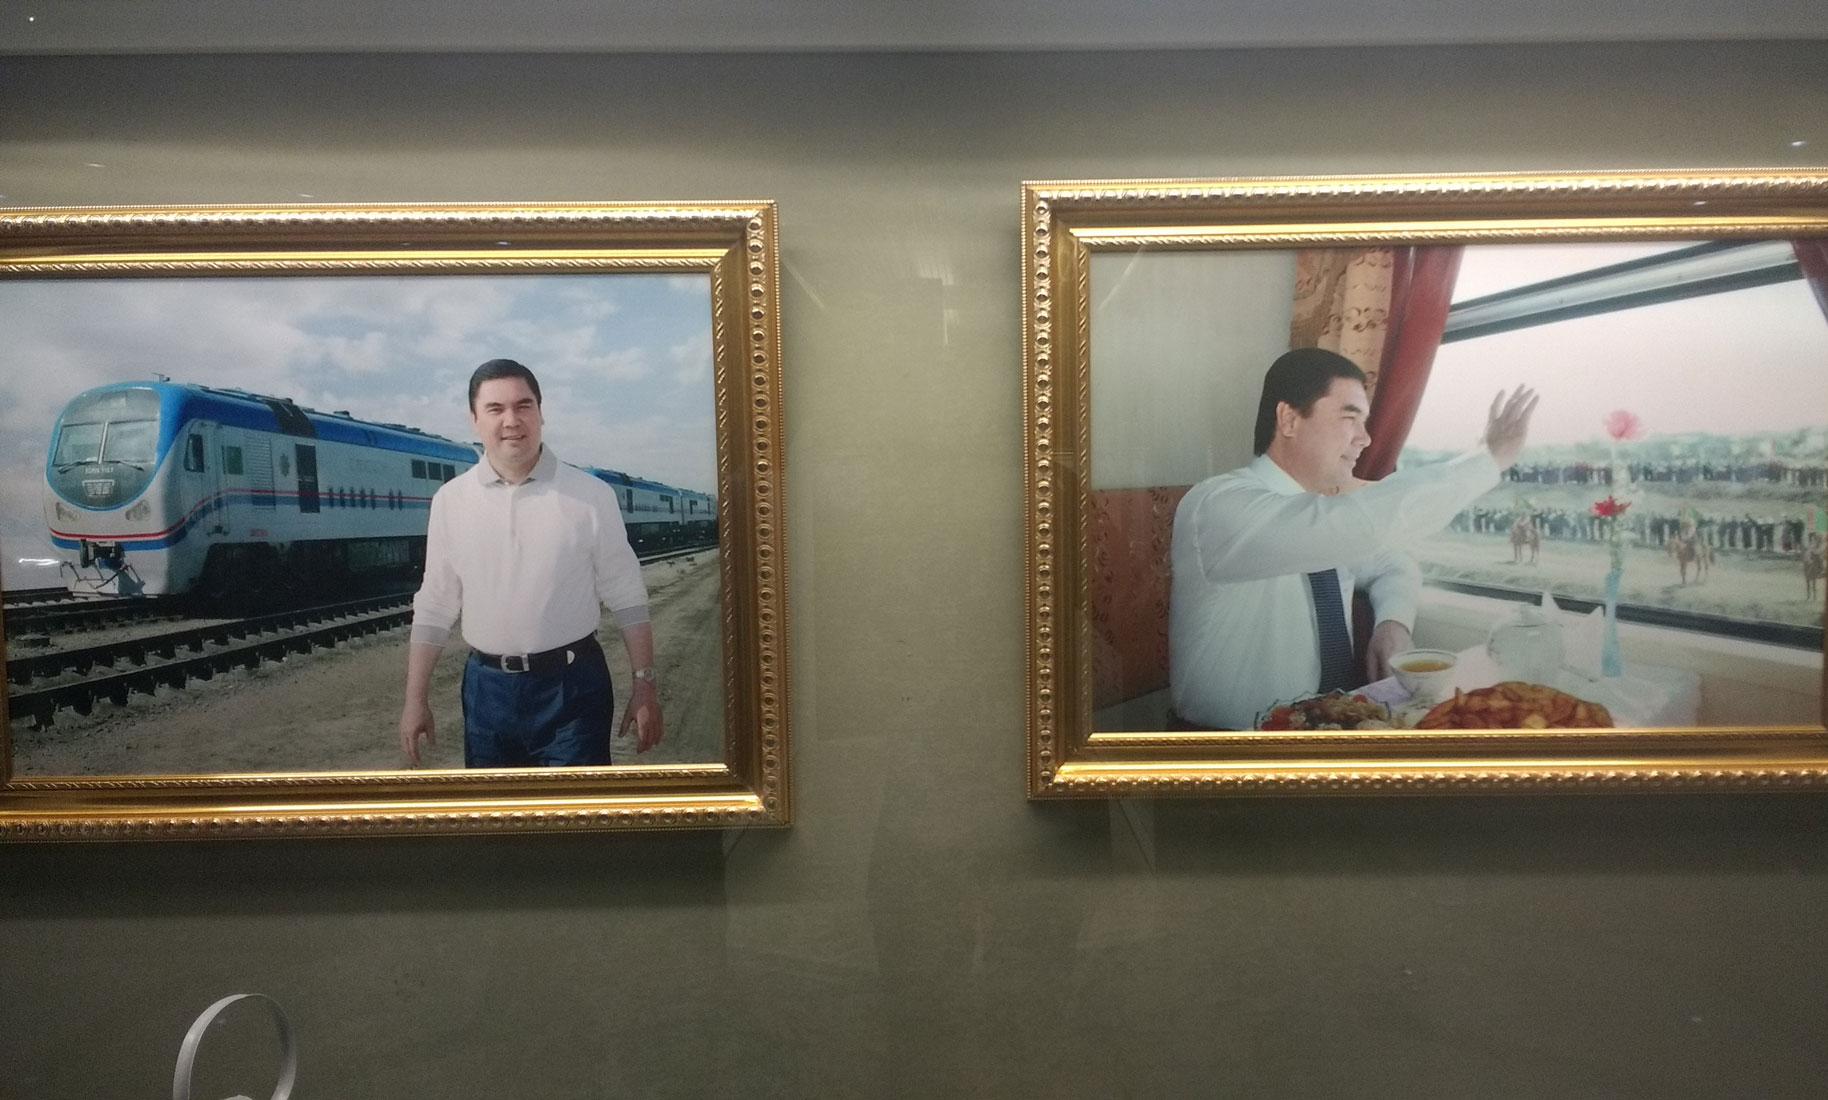 Zwei Bilder vom turkmenischen Präsident Gurbanguly Berdimuhamedow